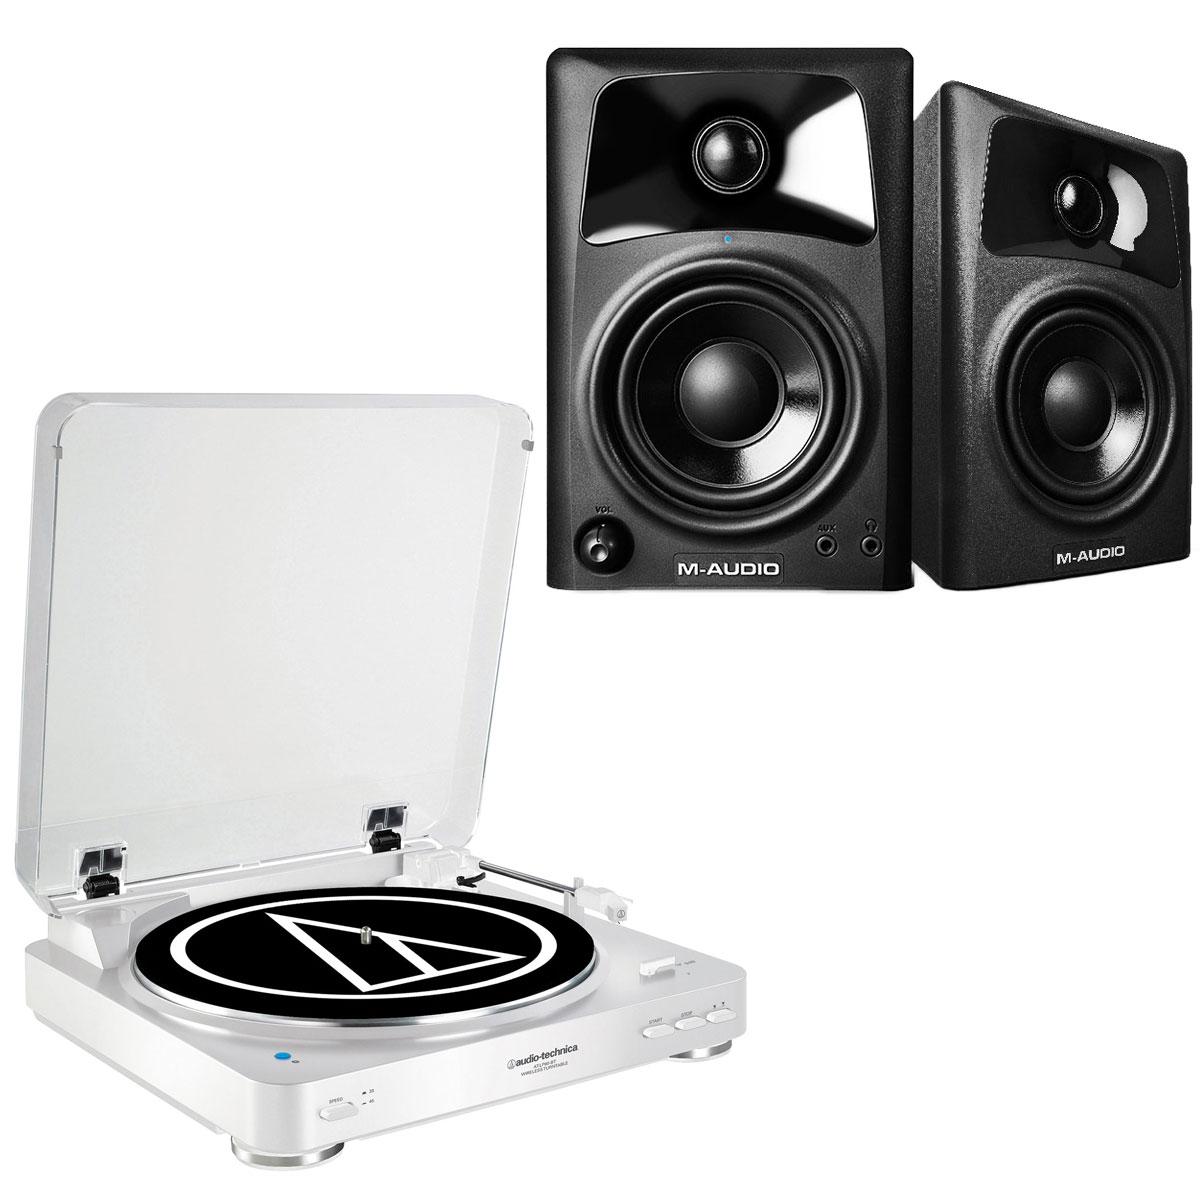 Ensemble Hifi Audio-Technica AT-LP60BT Blanc + M-Audio AV 42 Platine vinyle à 2 vitesses (33-45 trs/min) avec fonction Bluetooth + Enceintes de monitoring actives 2.0